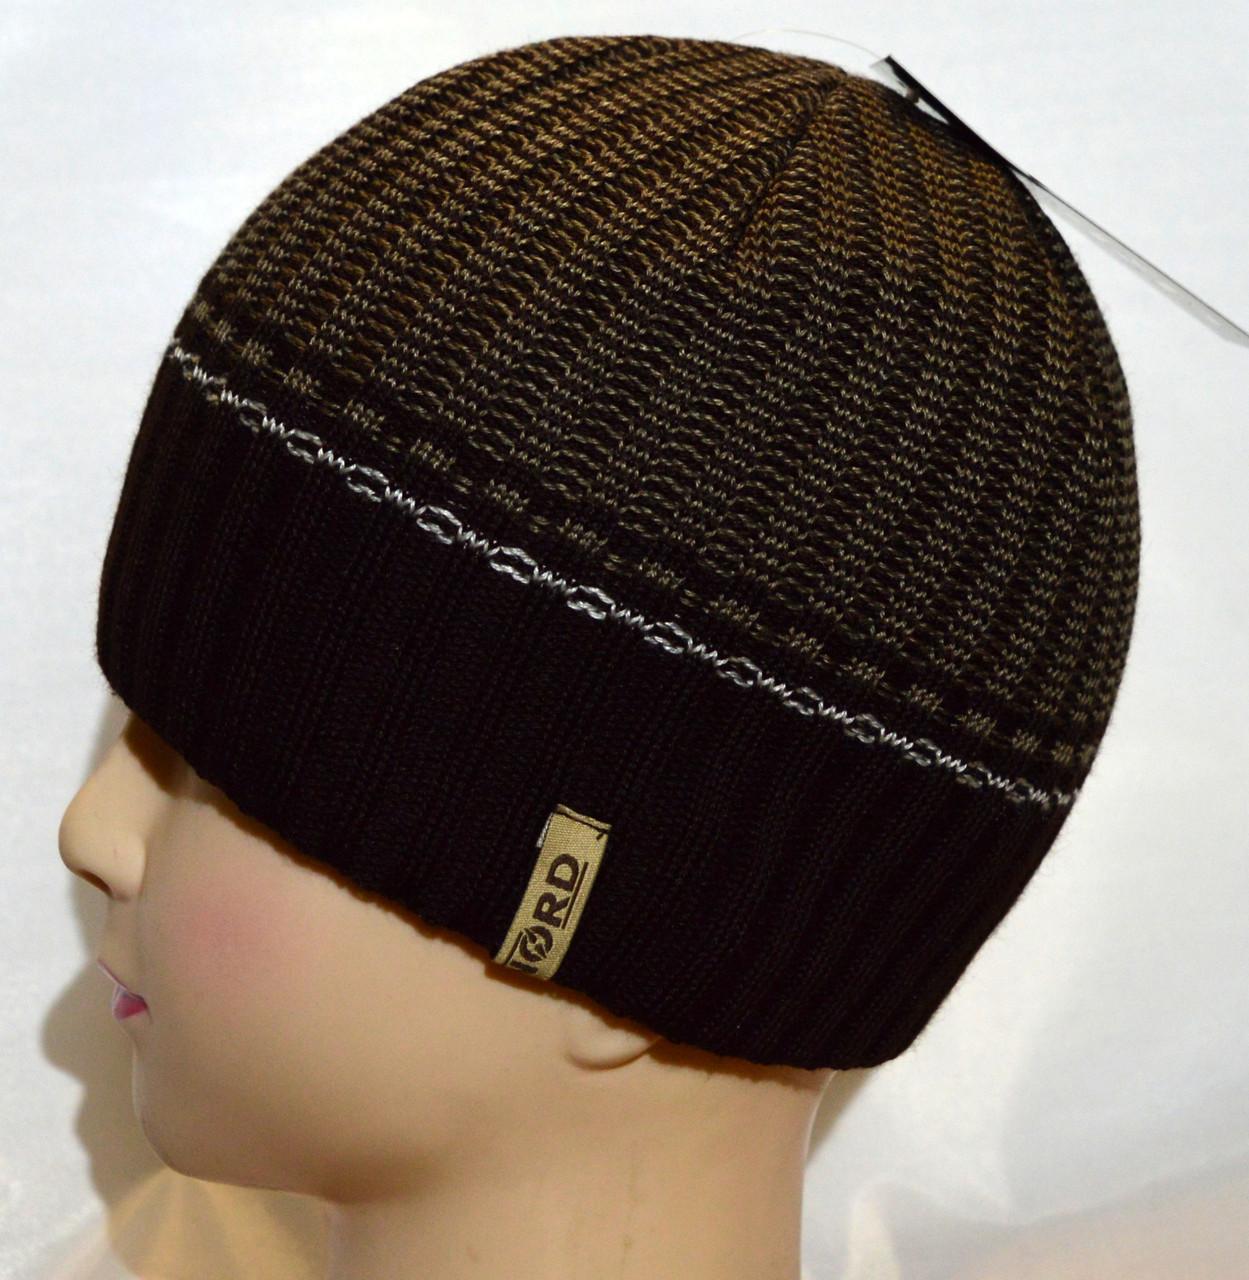 мужская вязаная шапка модель Piligo купить шапки оптом цена в